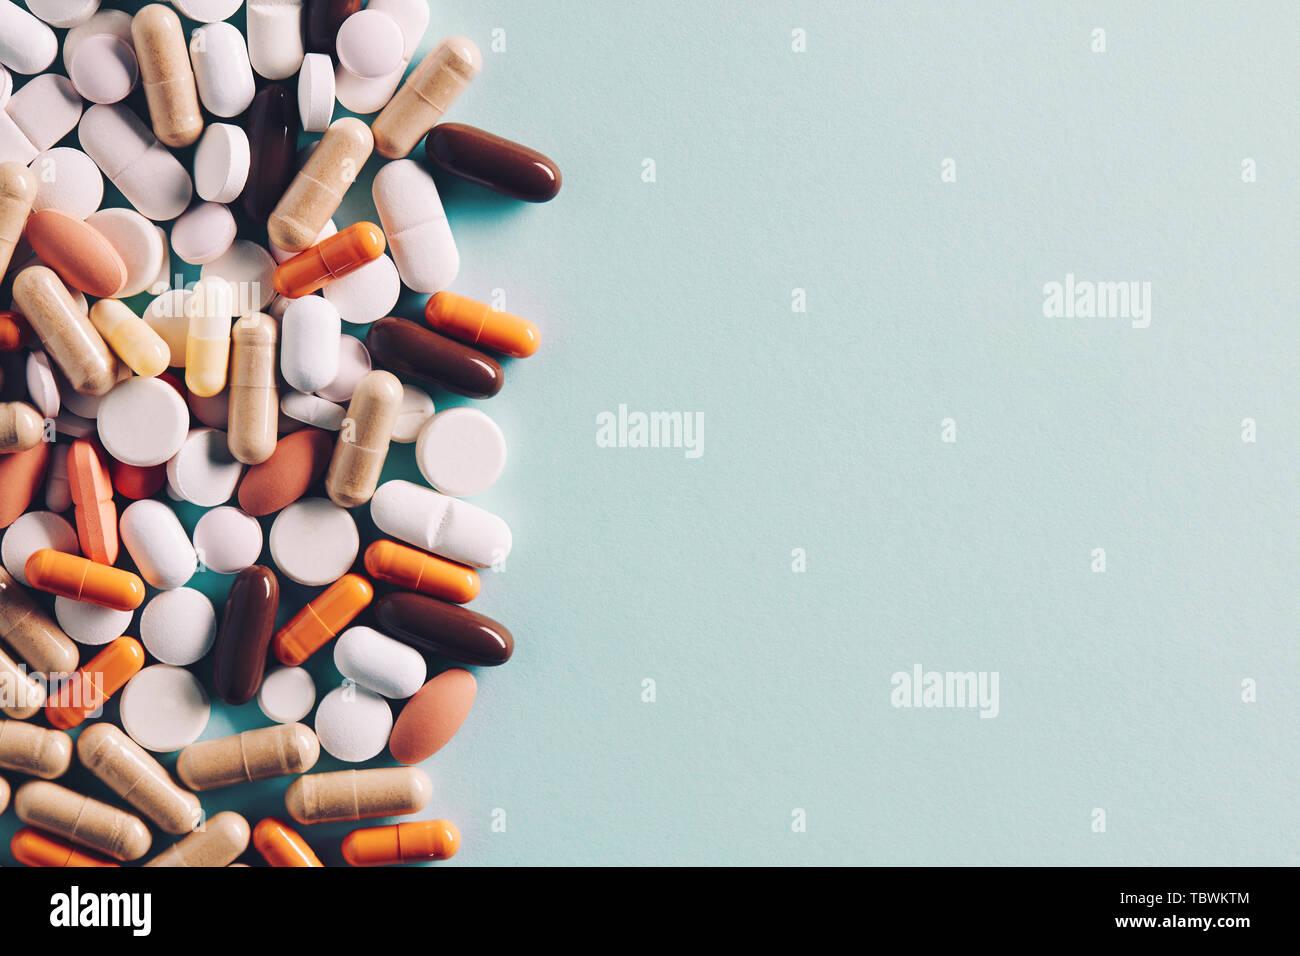 Haufen von bunten Pillen, Tabletten und Kapseln mit Kopie Platz für Text. Von oben nach unten anzeigen. Stockfoto